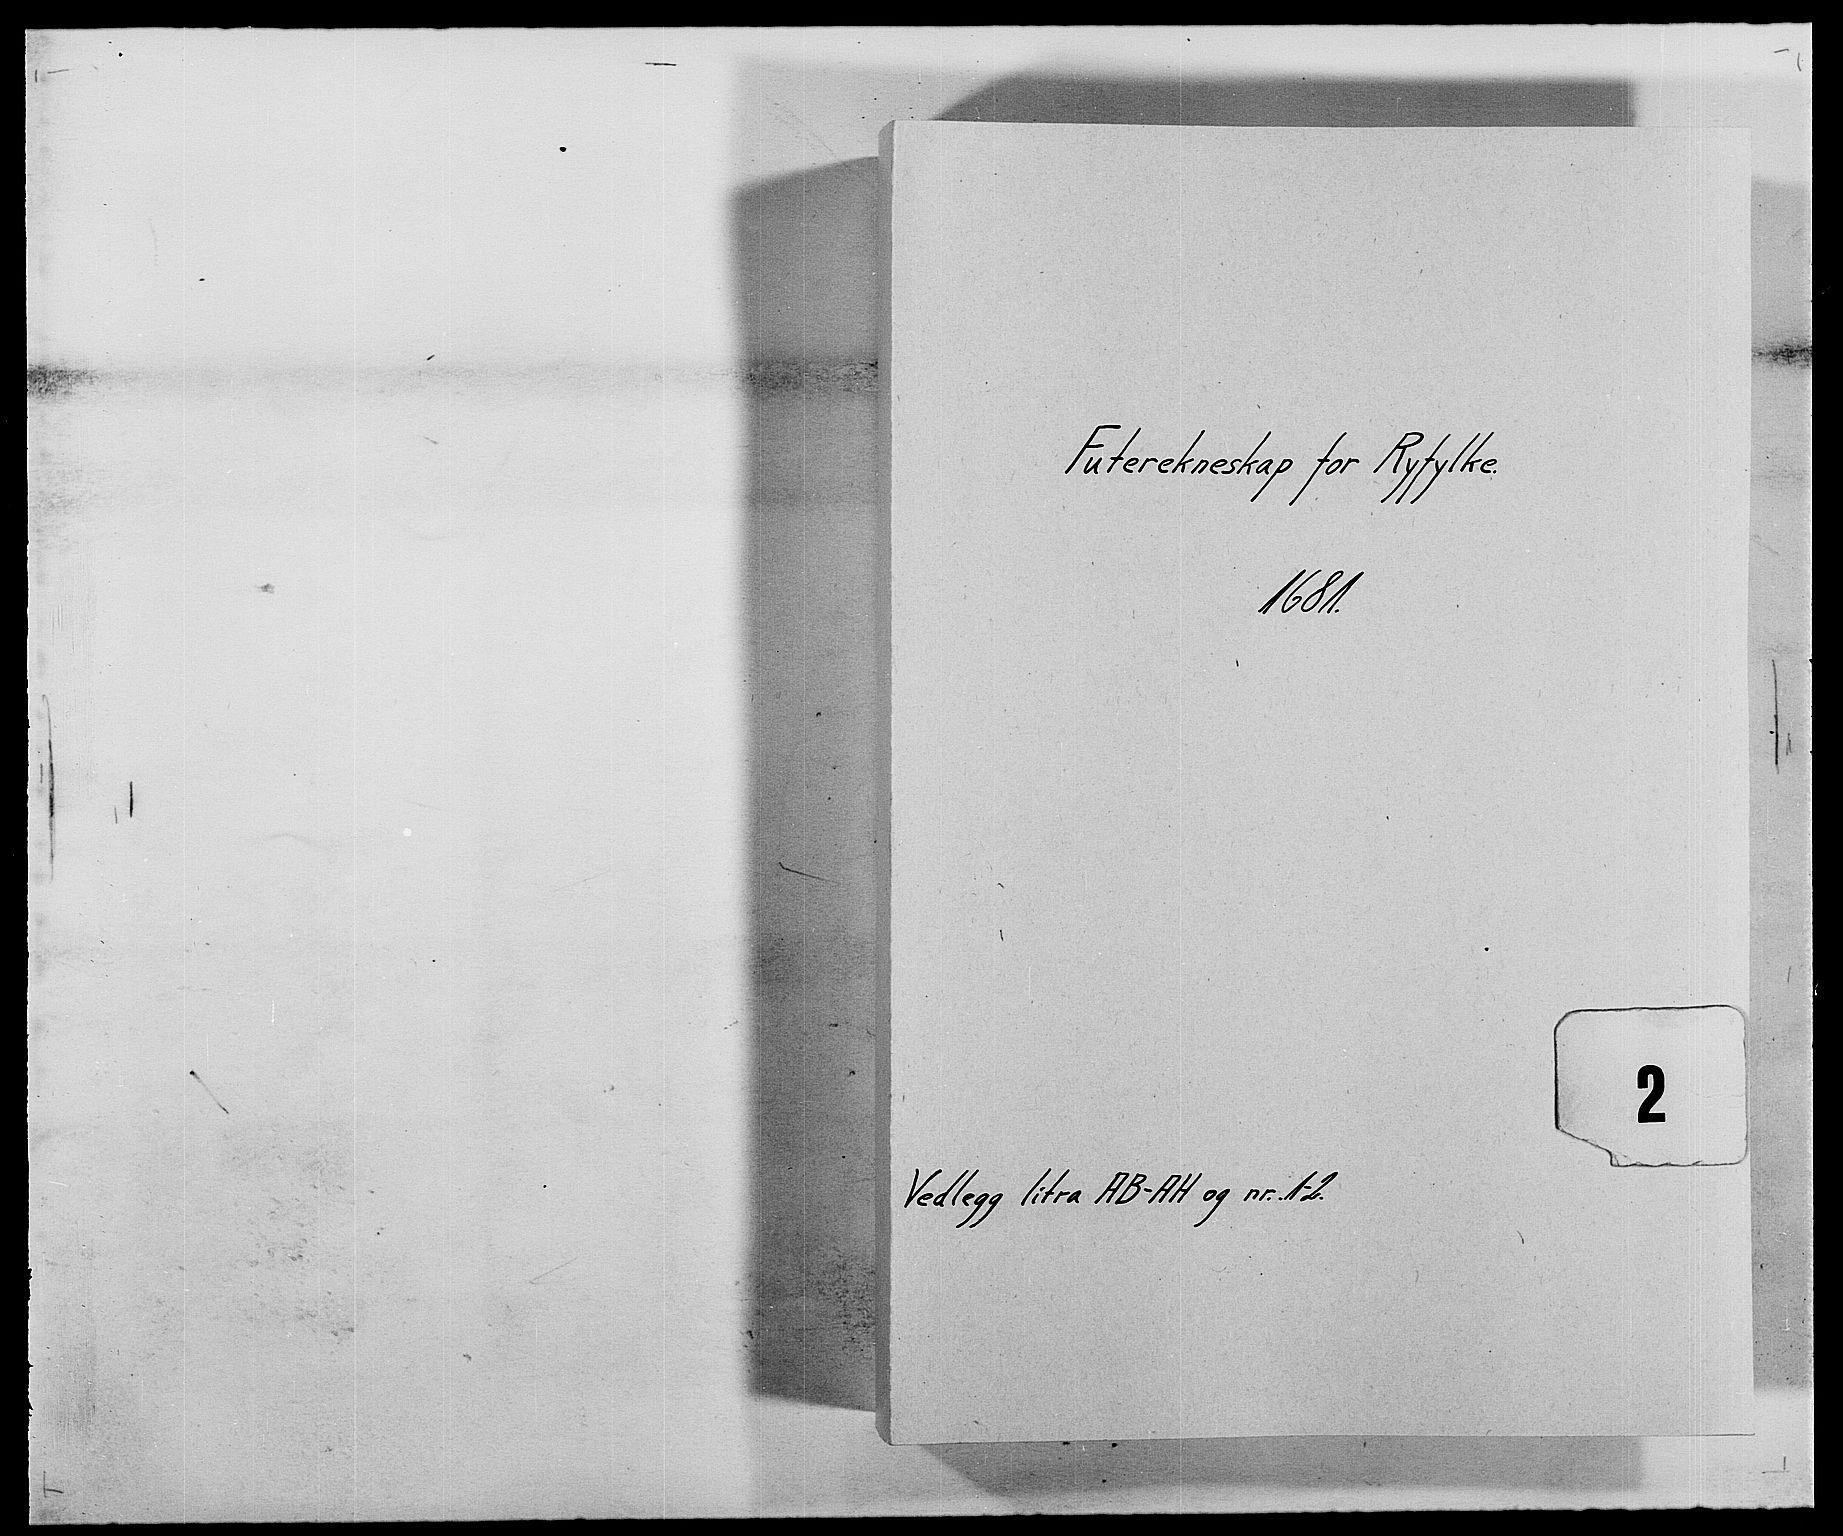 RA, Rentekammeret inntil 1814, Reviderte regnskaper, Fogderegnskap, R47/L2852: Fogderegnskap Ryfylke, 1681, s. 1